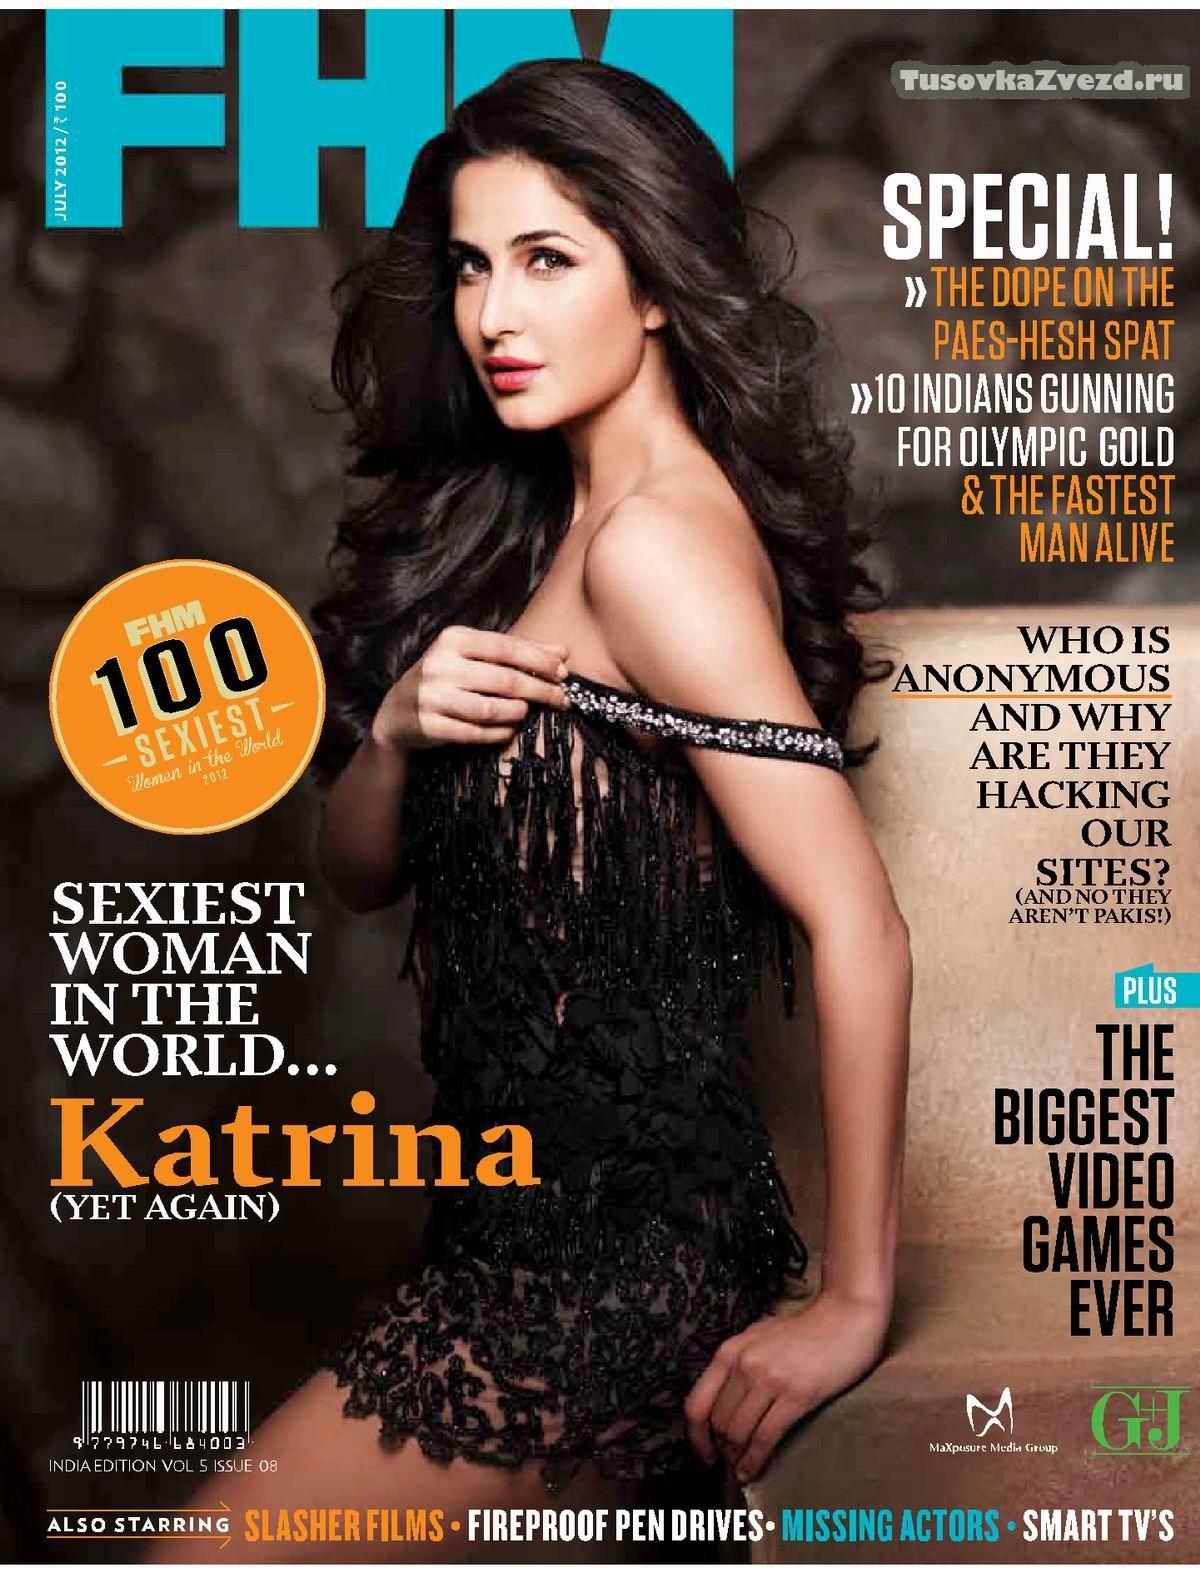 Катрина Кэйф (Katrina Kaif) фото в журнале FHM Индия, июль 2012